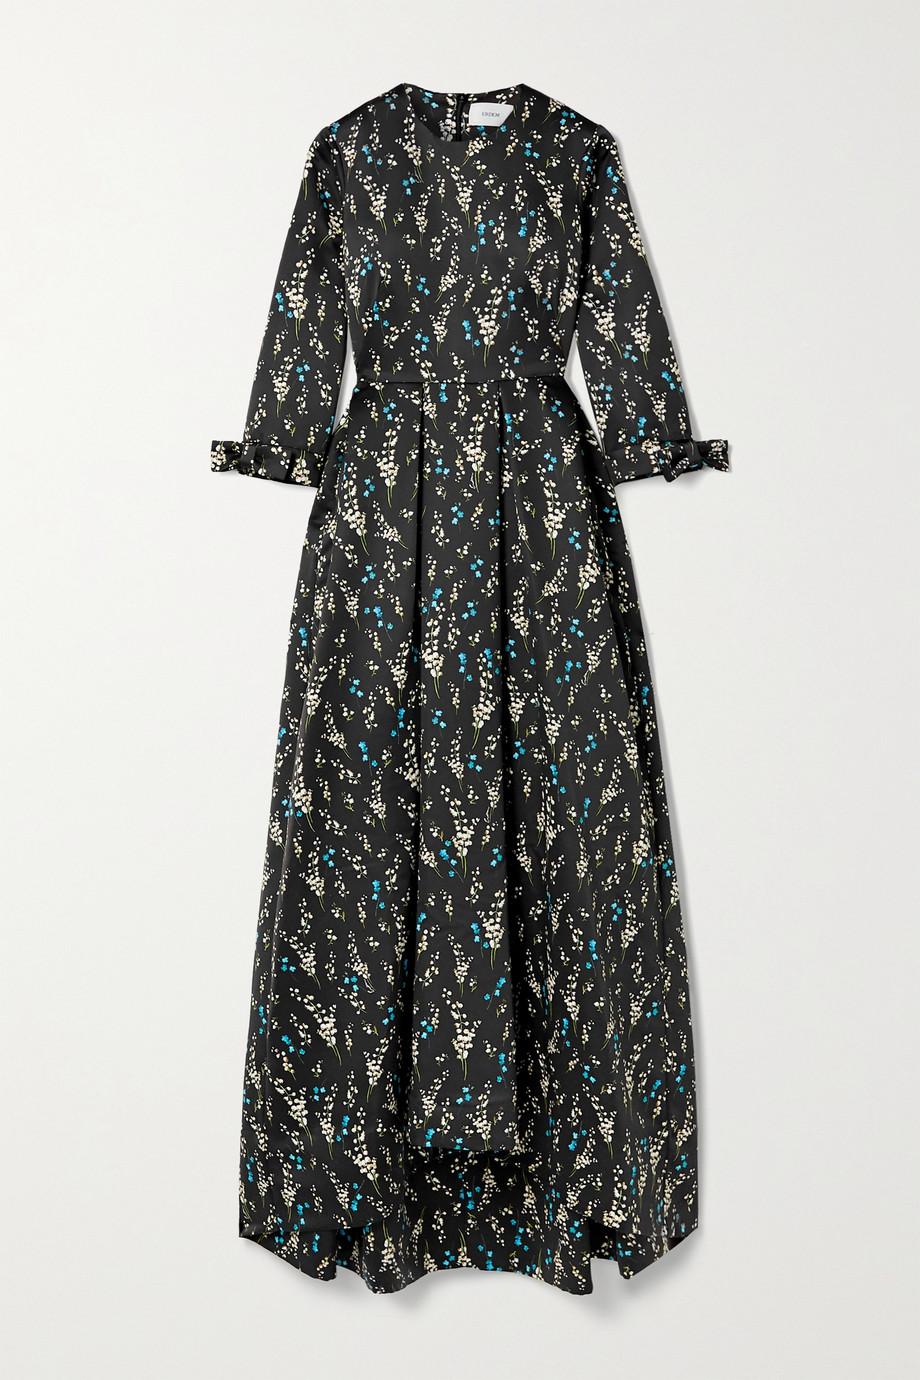 Erdem Helenium asymmetrische Robe aus glänzendem Twill mit Blumenprint und Falten